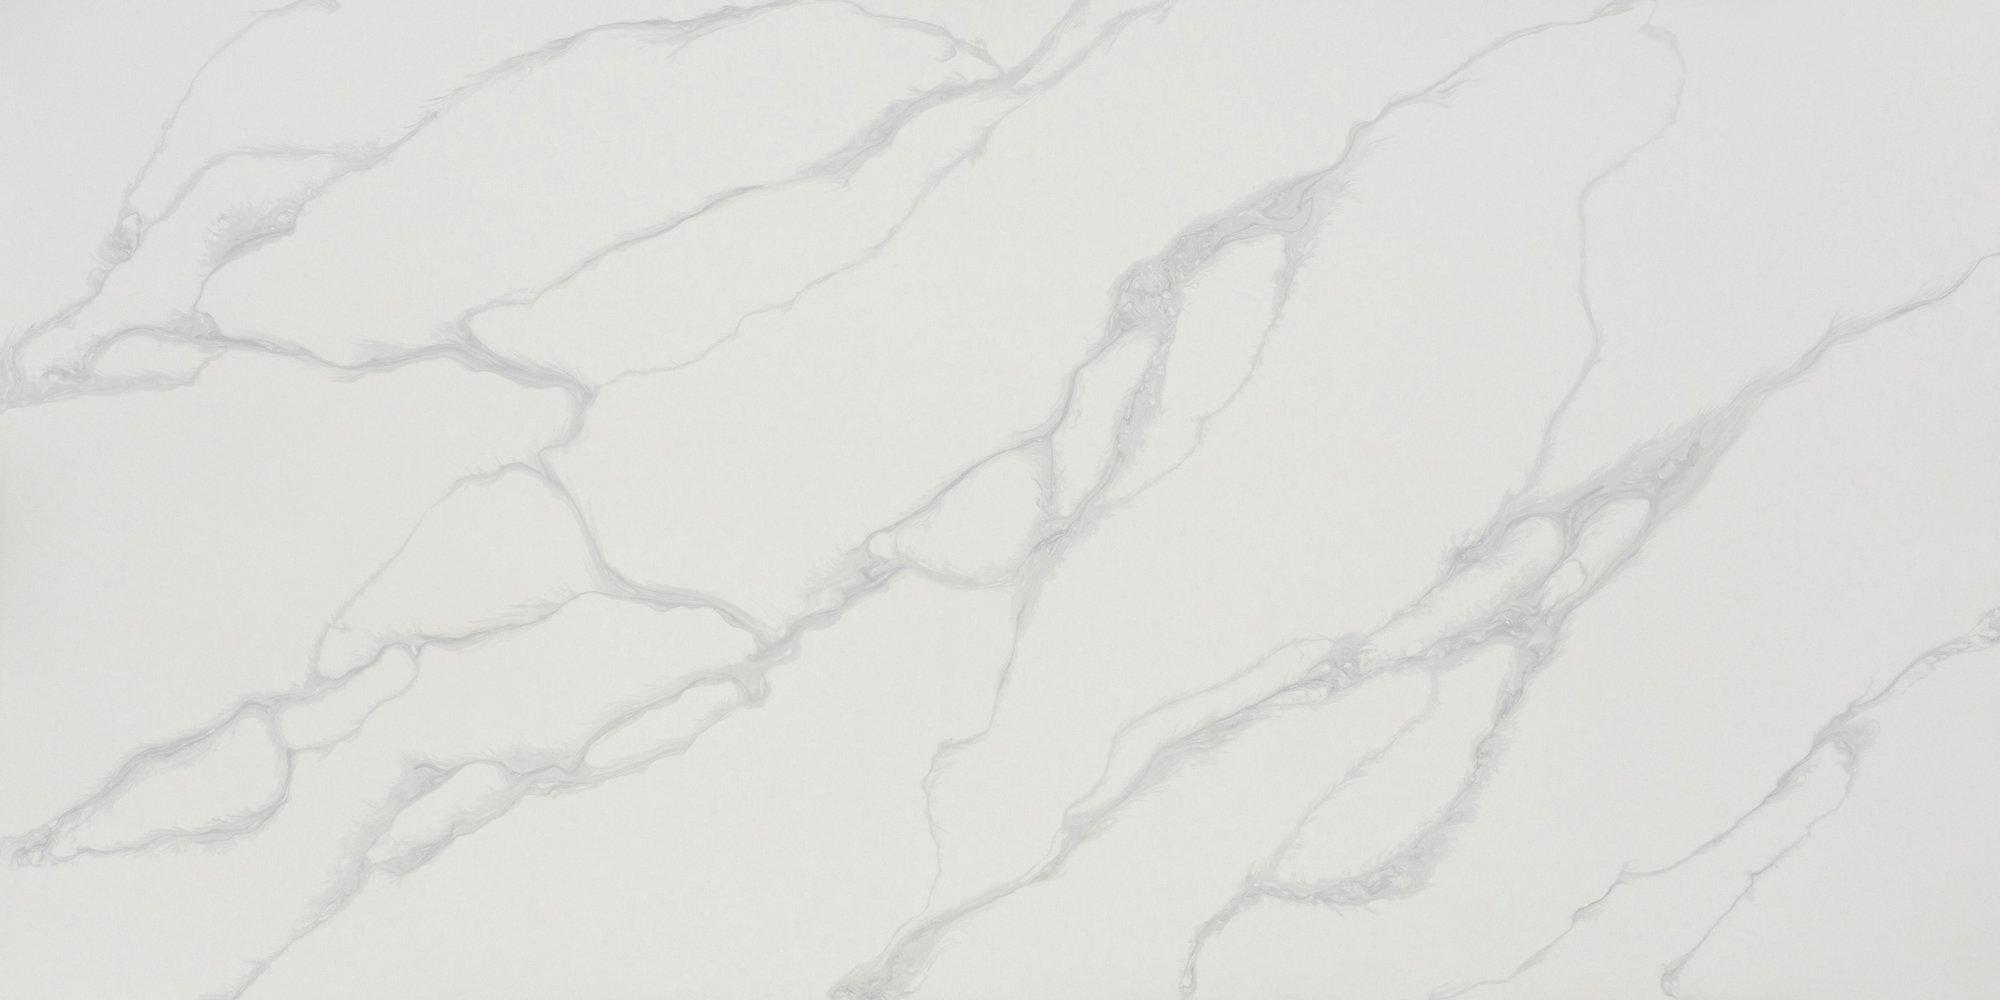 3cm Quartz Selections Wong S Building Supply